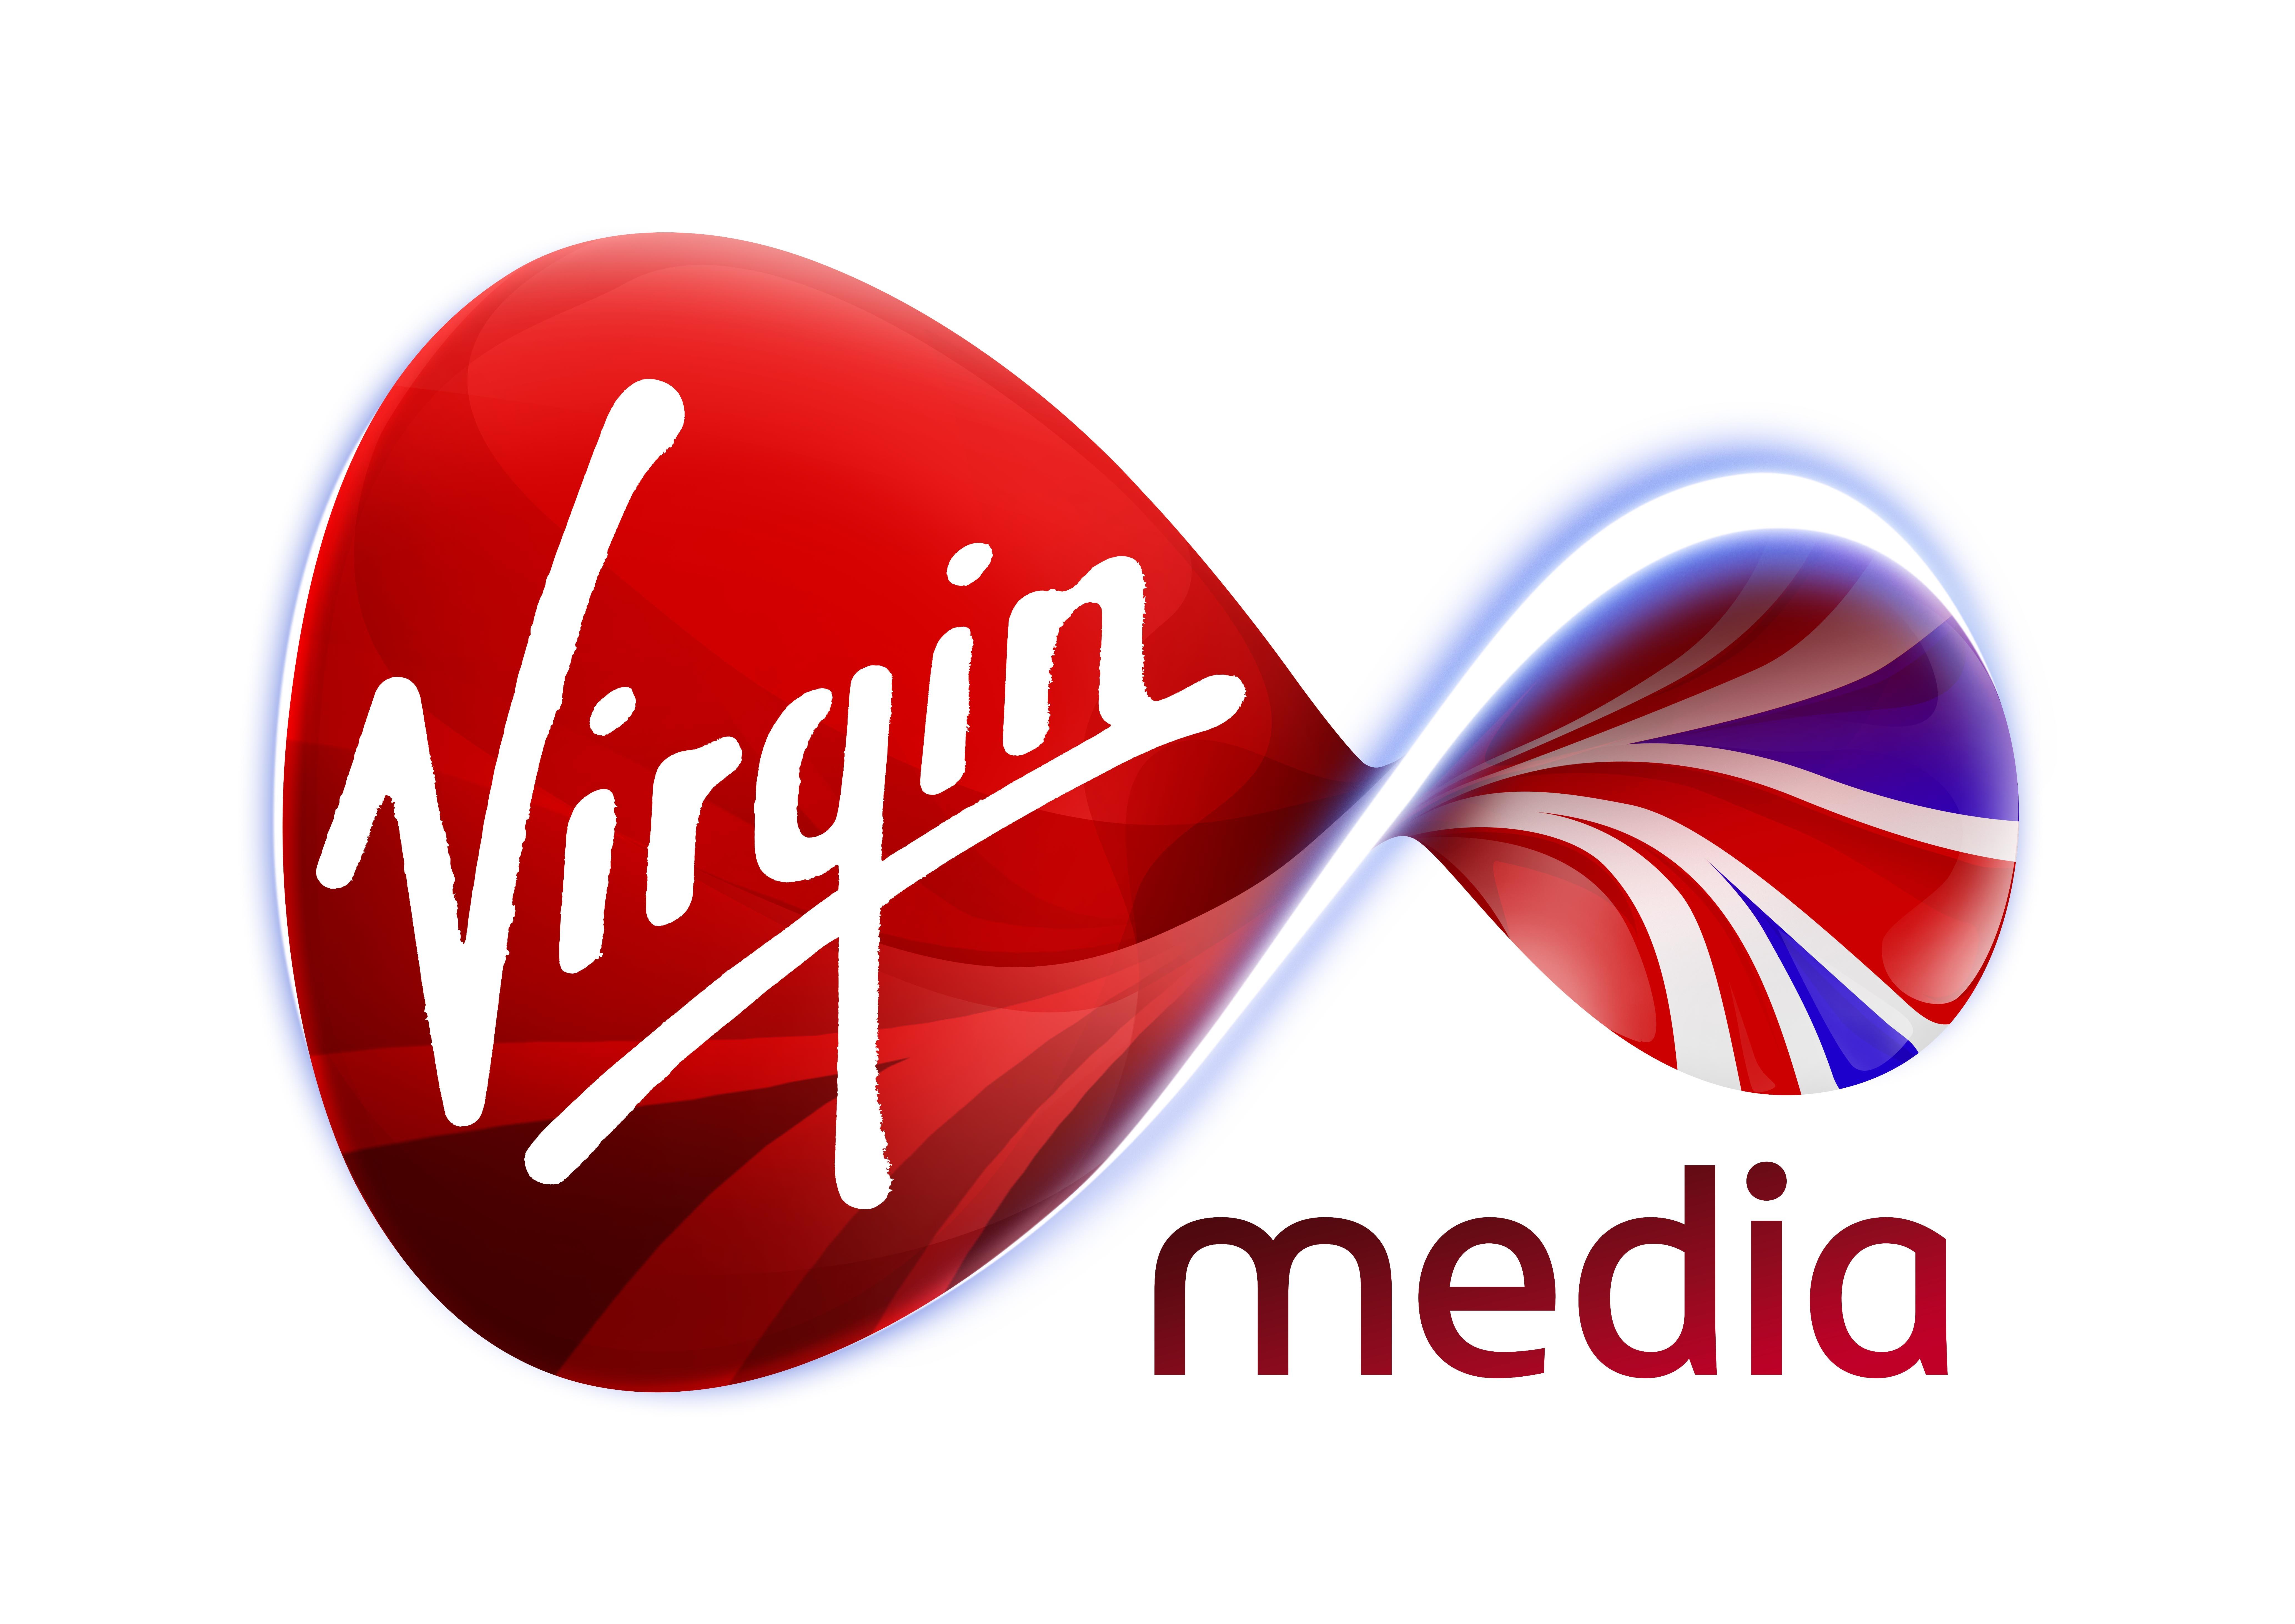 Virgin Media Union logo on white